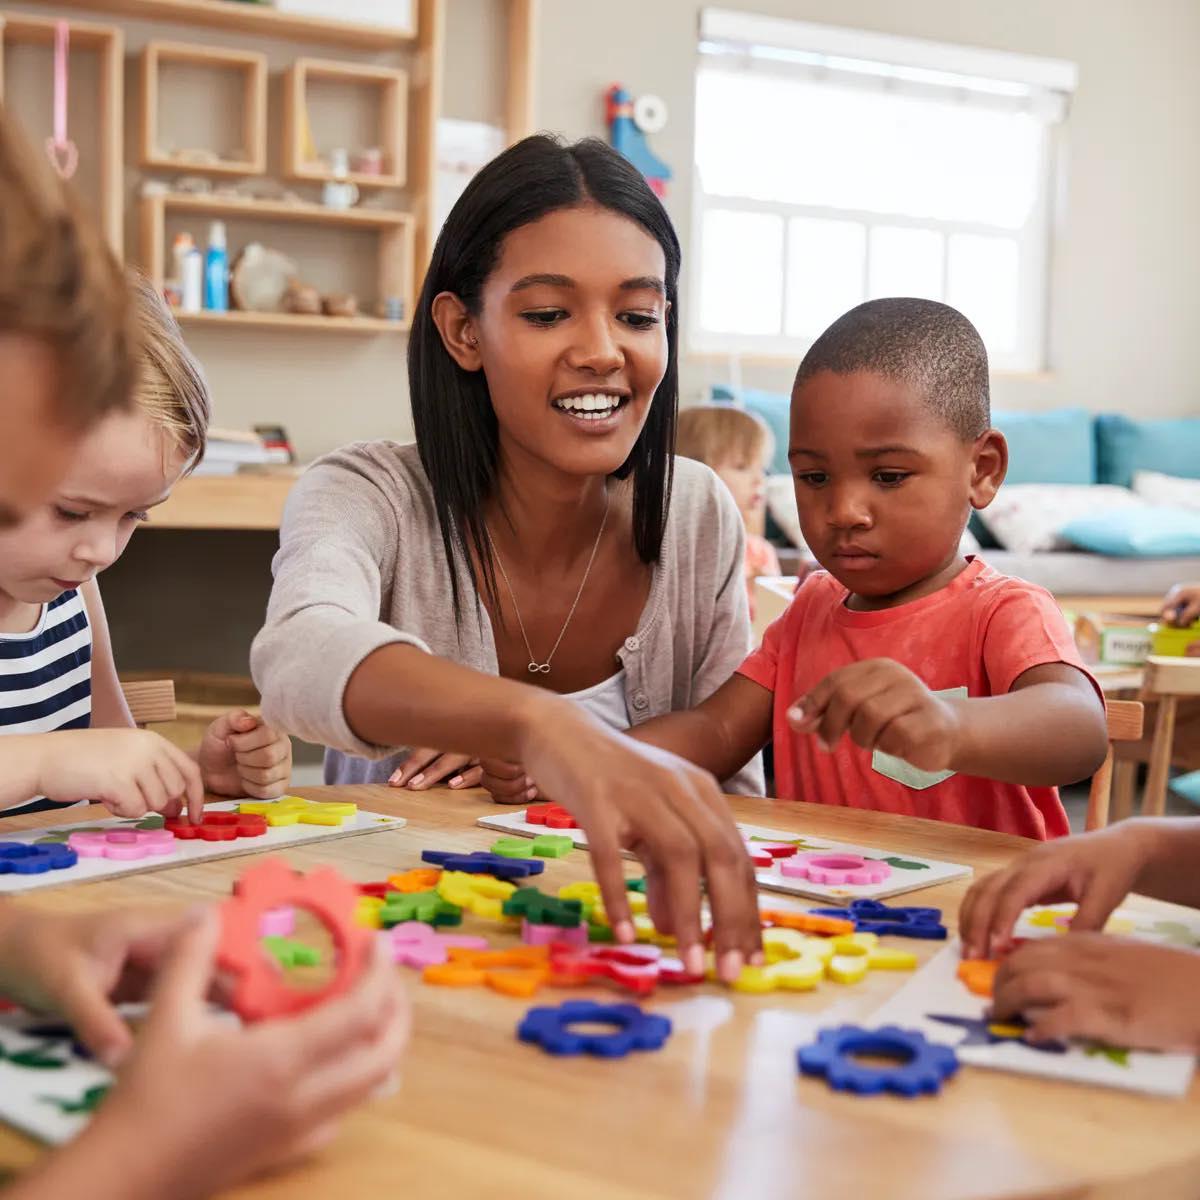 مطلوب معلمات للعمل في روضة اطفال  في عمان